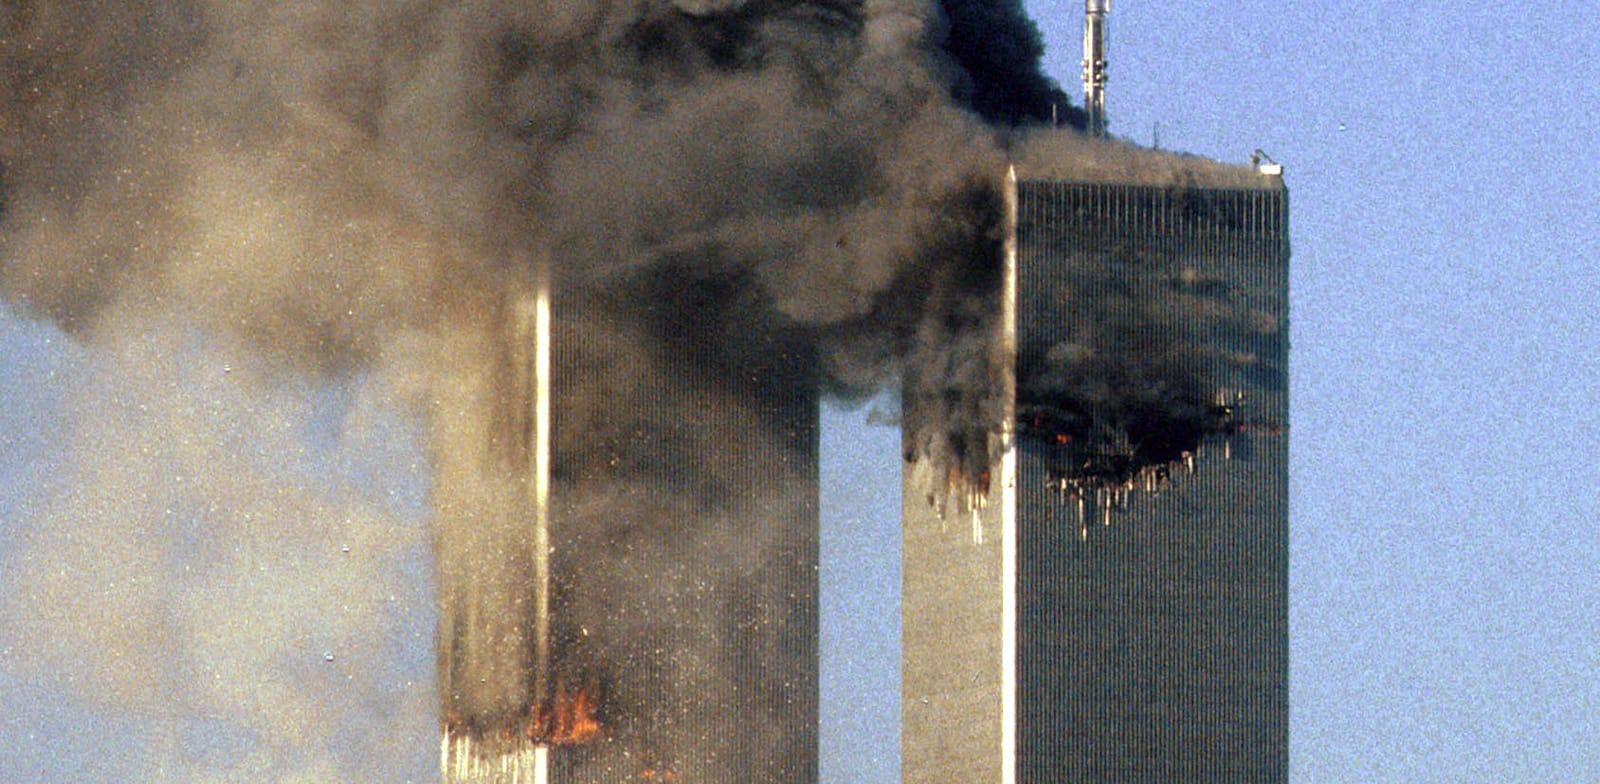 מגדלי התאומים בוערים לאחר פגיעת מטוס 175 החטוף במגדל הדרומי ב-11 בספטמבר 2001 / צילום: Reuters